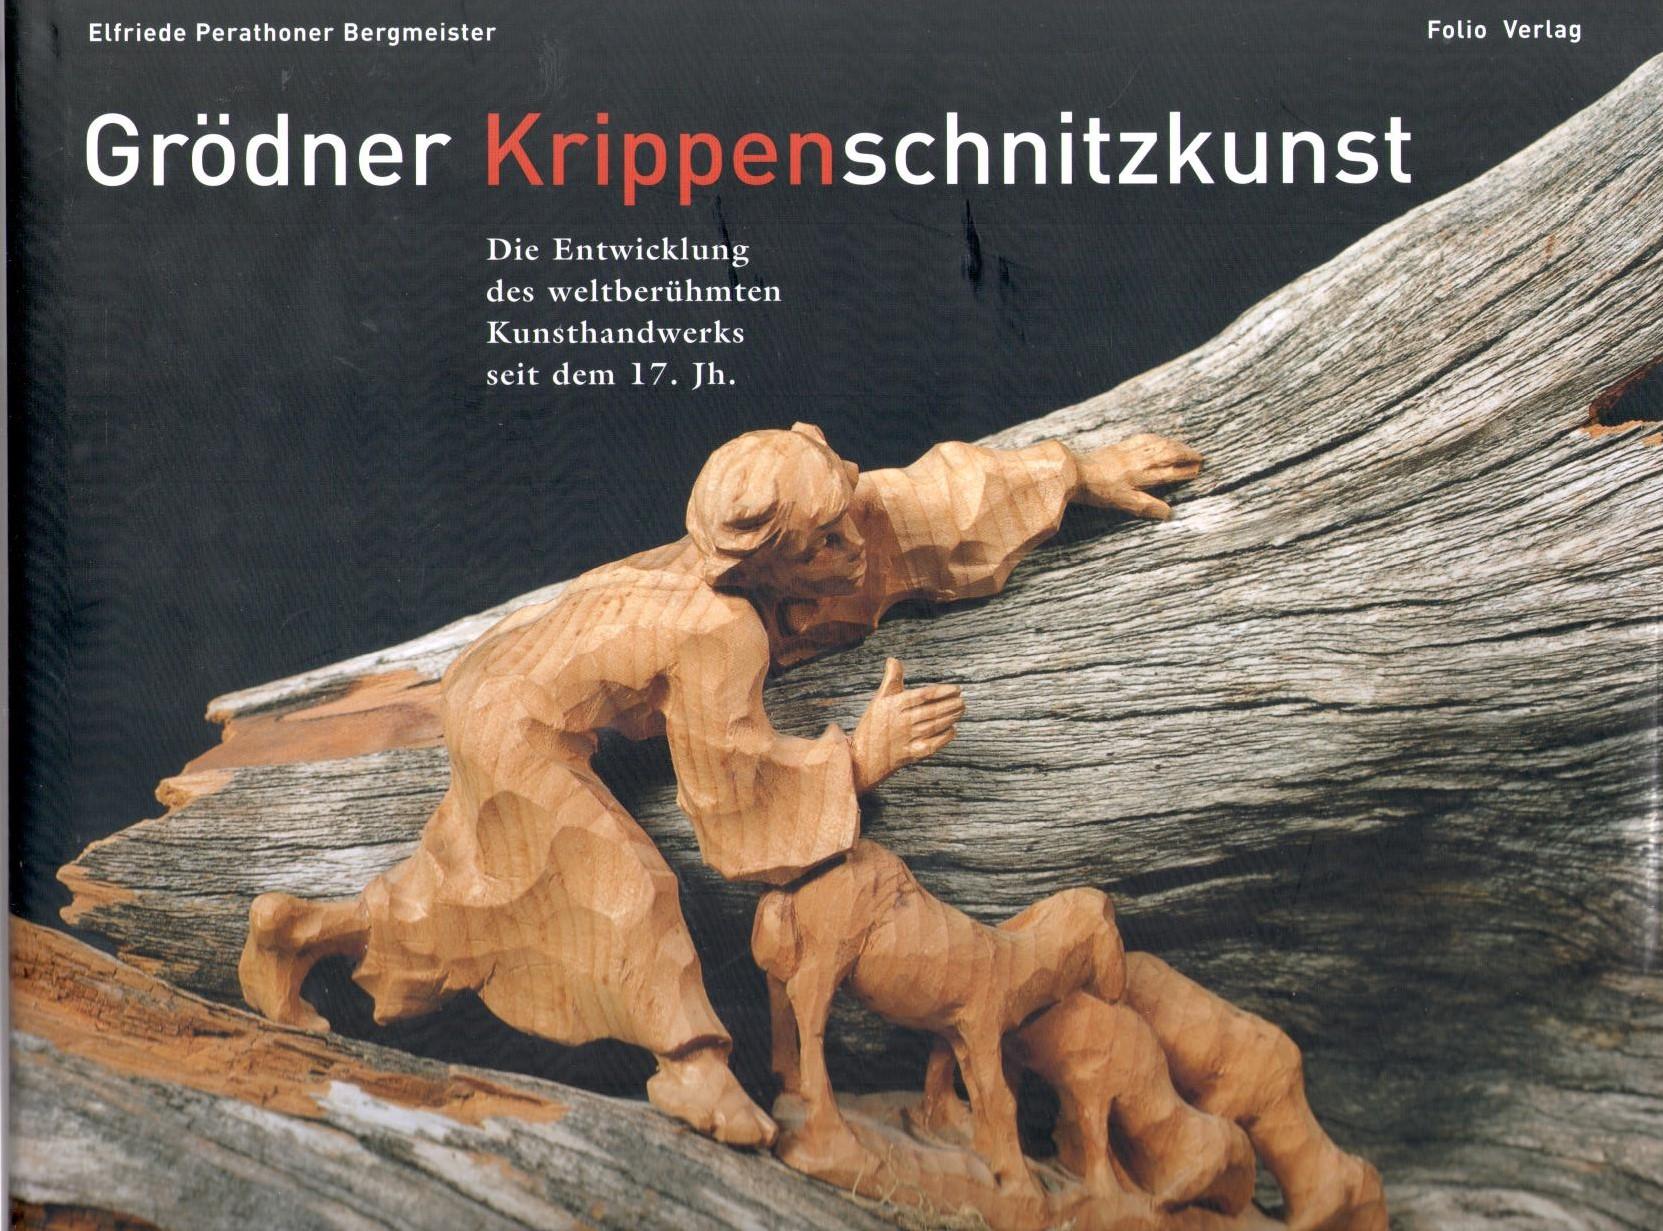 Grödner_Krippenschnitzkunst._Die_Entwicklung_des_weltberühmten_Kunsthandwerks_seit_dem_17._Jh.,_Elfr